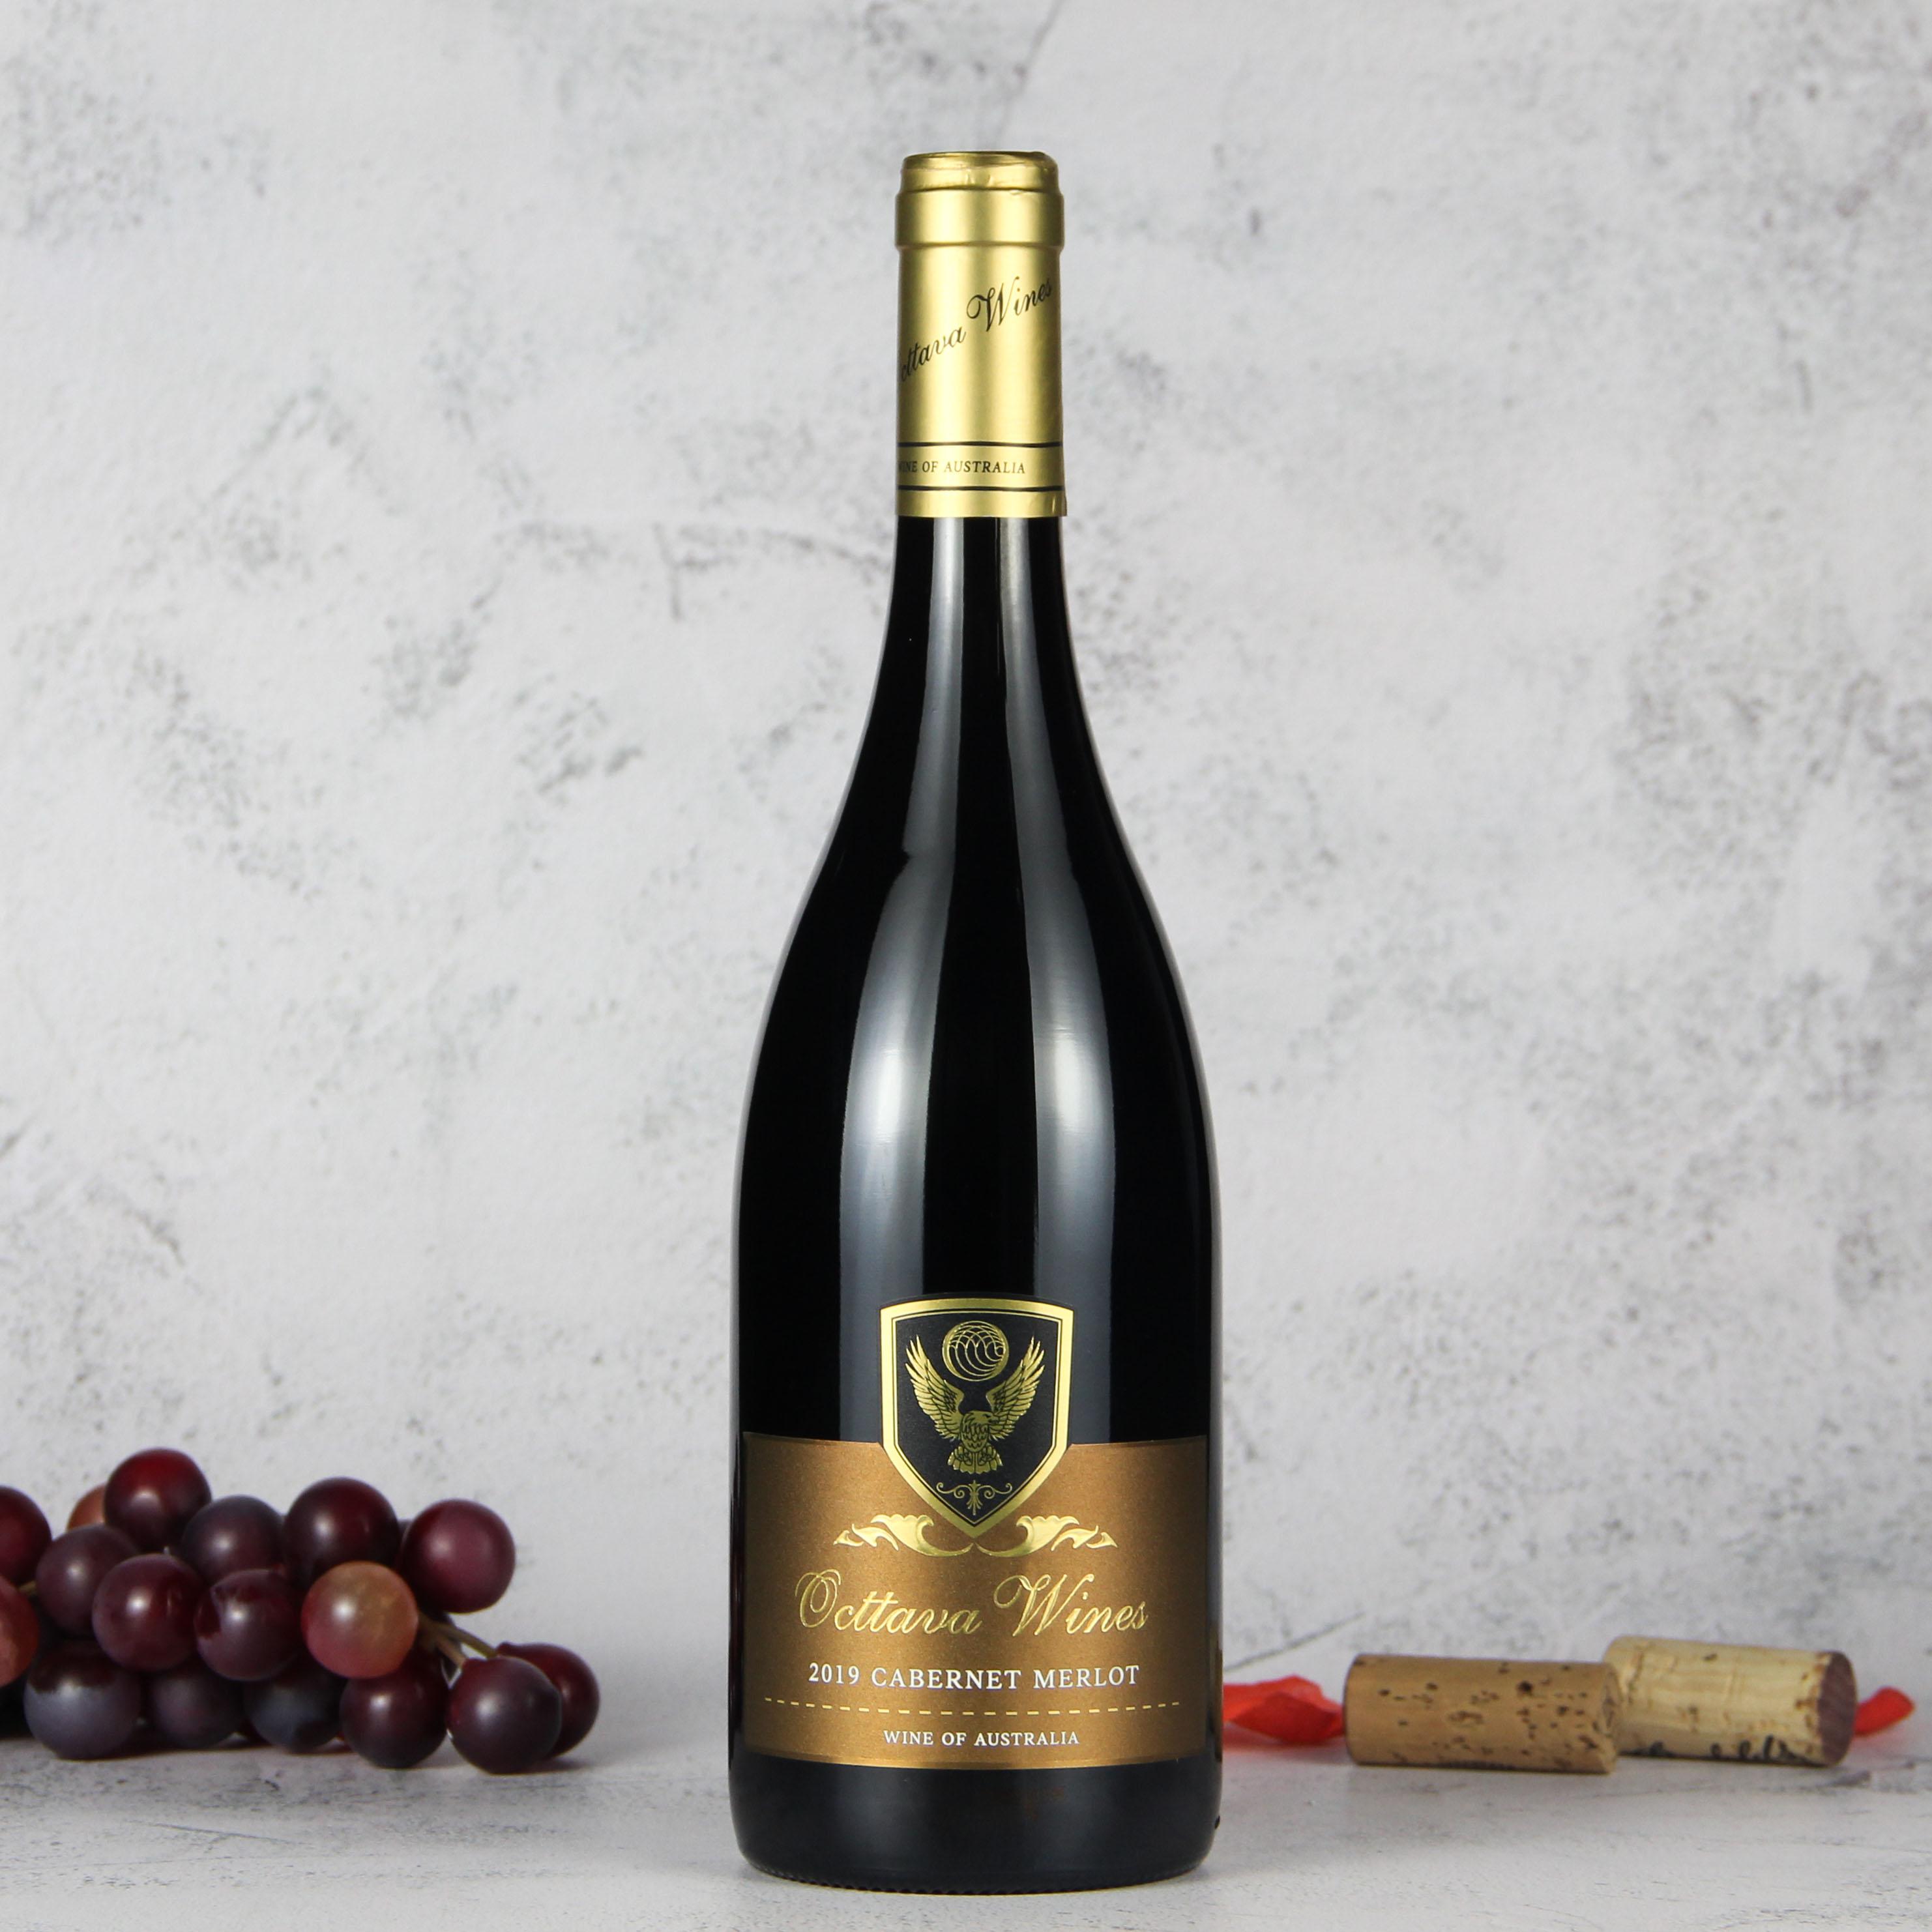 澳大利亚莫宁顿半岛奥德华酒庄鹰皇系列赤霞珠梅洛红葡萄酒红酒